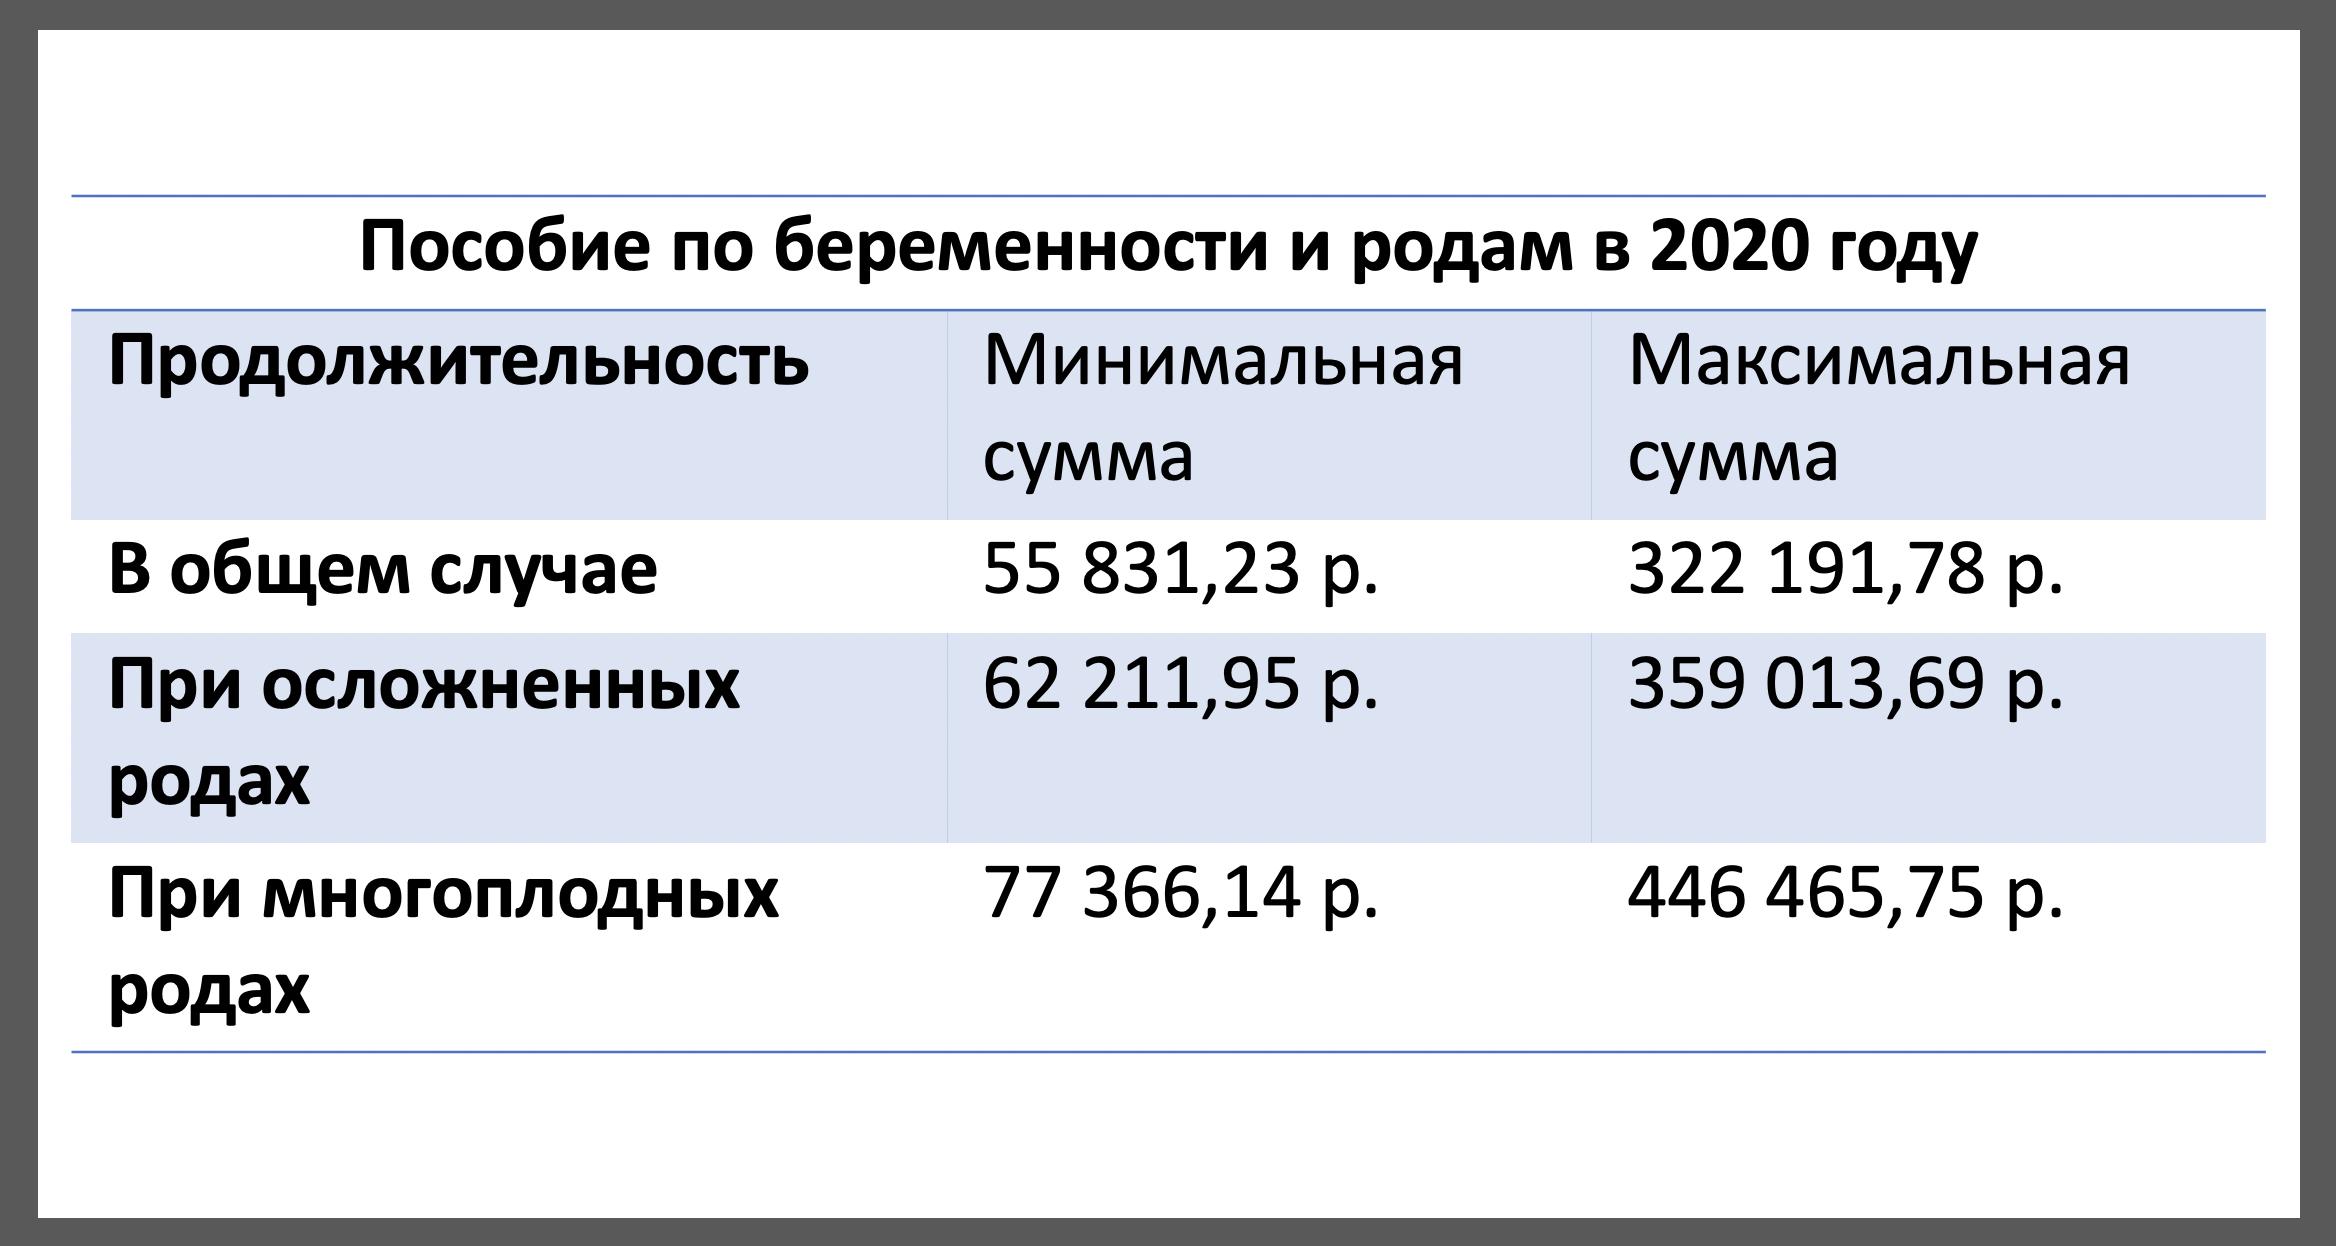 Выплаты при рождении ребенка в 2020 году до 27 лет